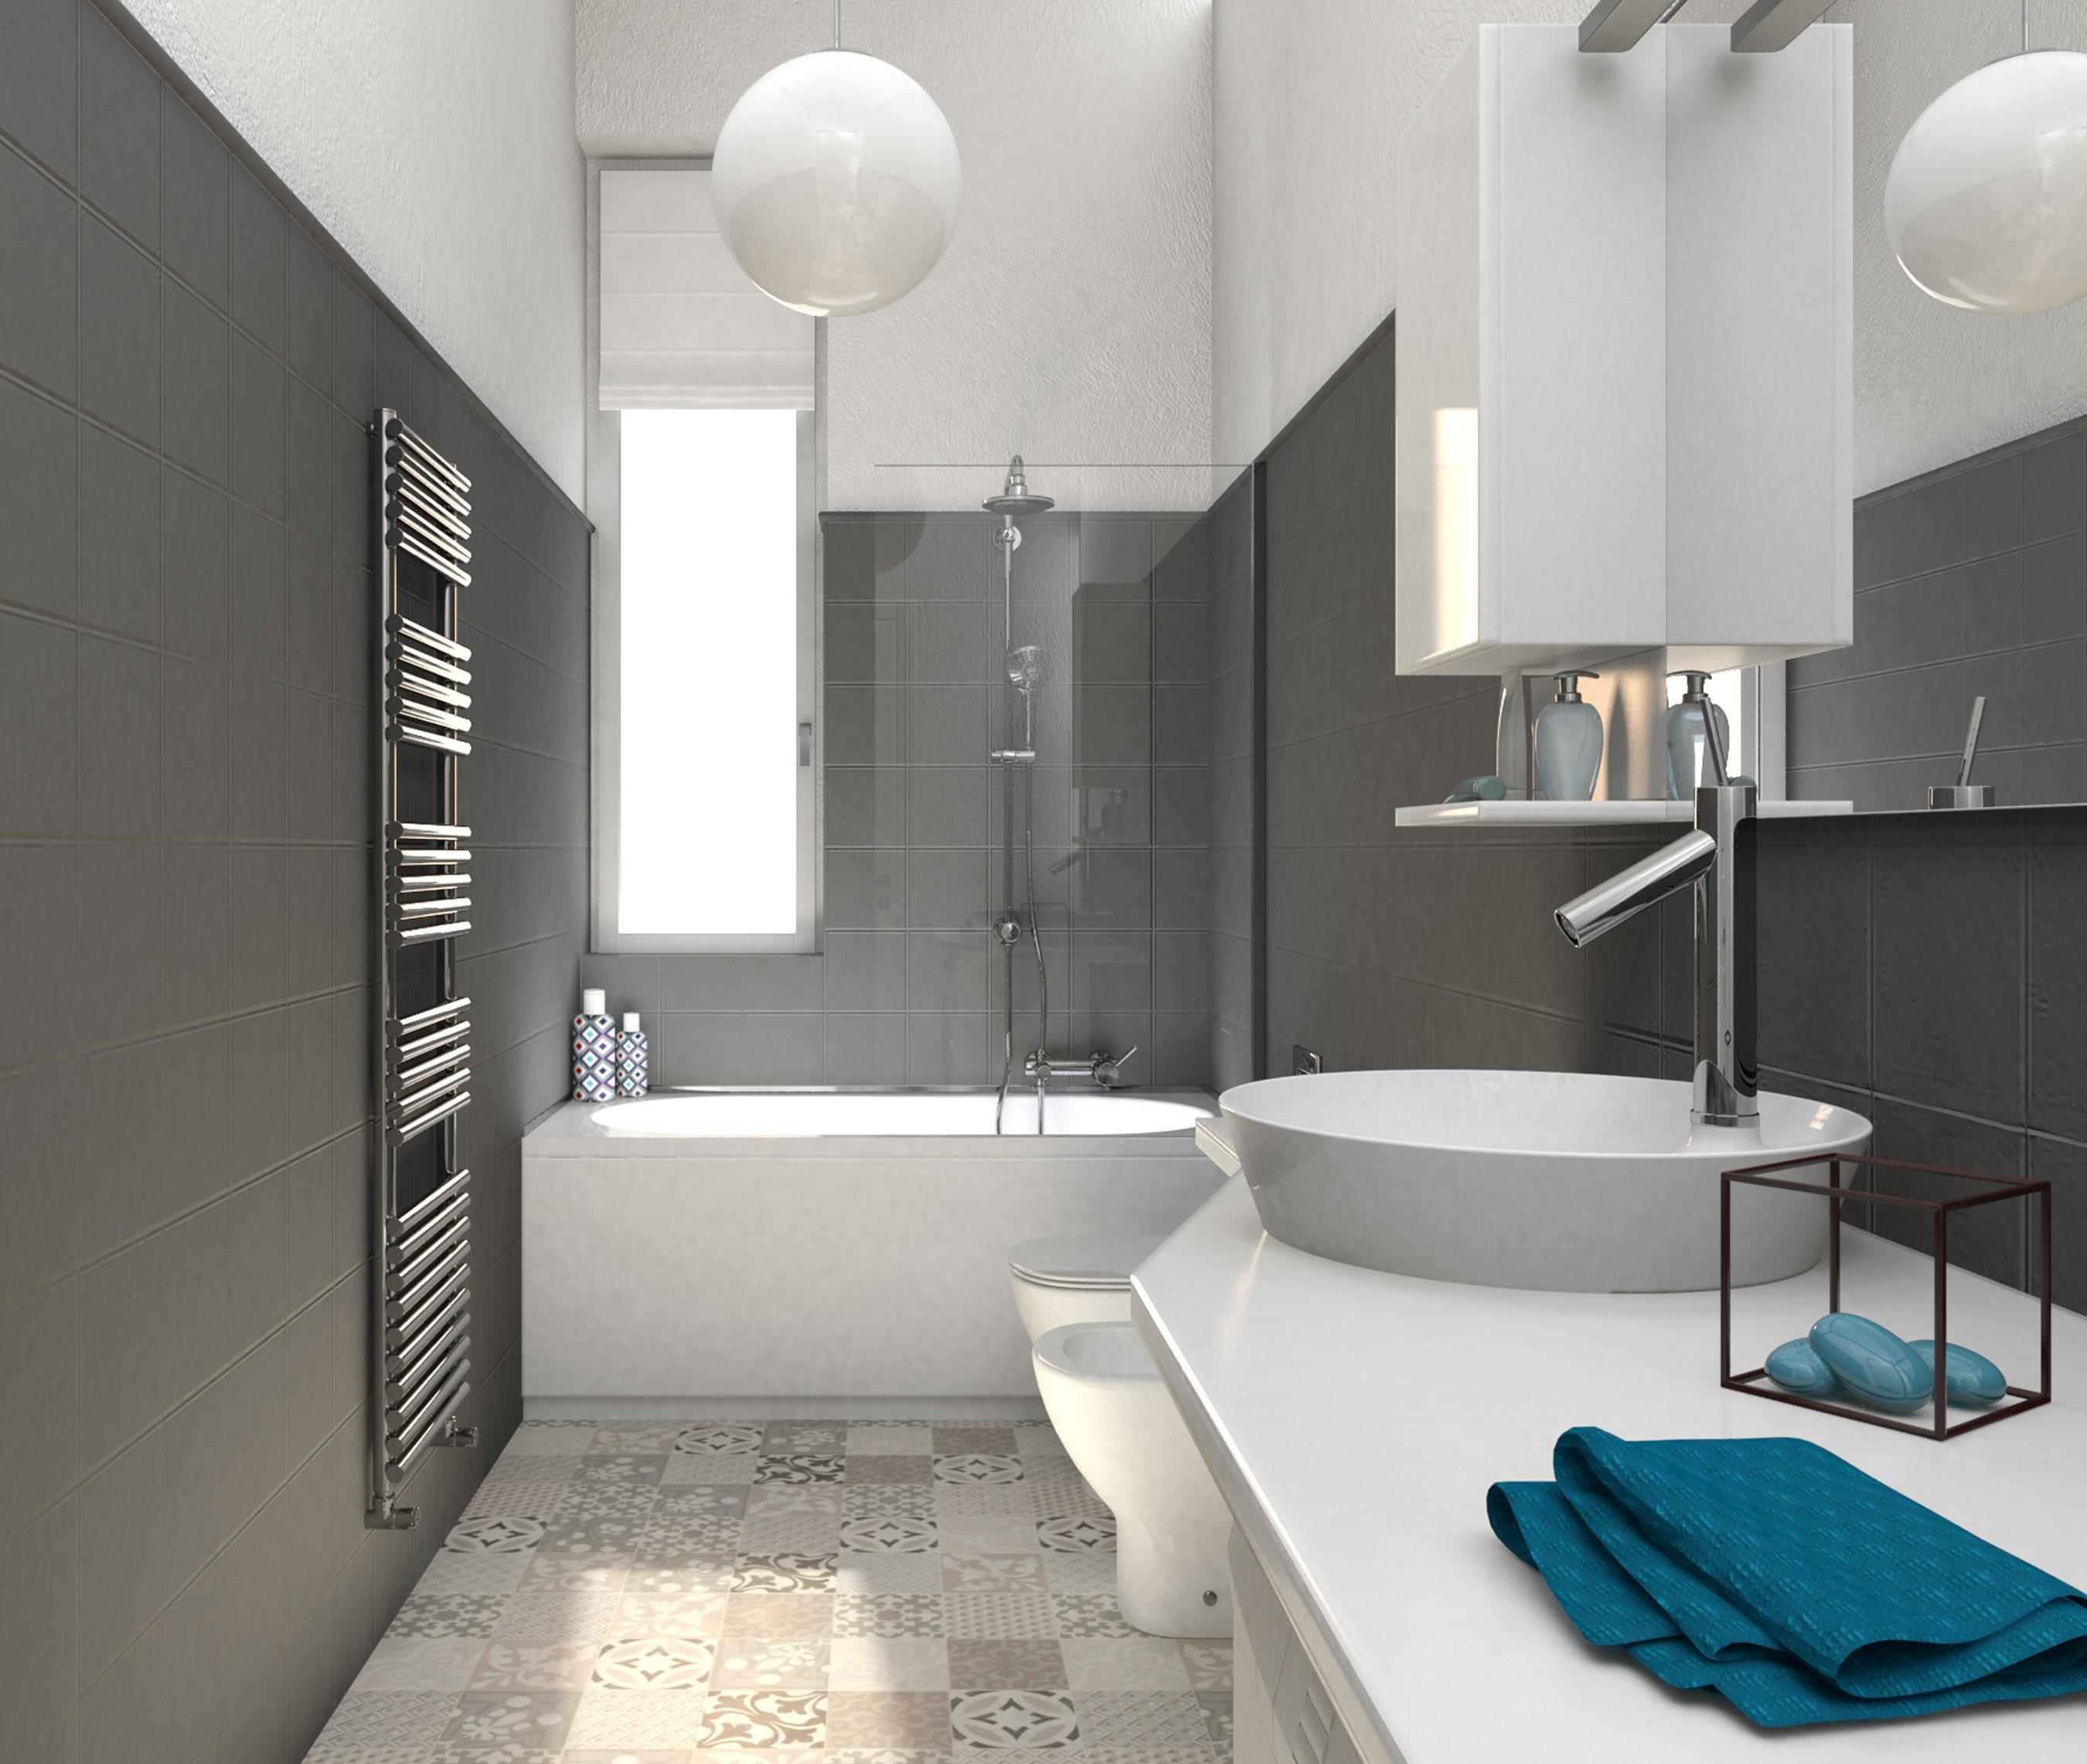 Relooking un progetto da copiare per rinnovare il bagno cose di casa - Rinnovare vasca da bagno ...